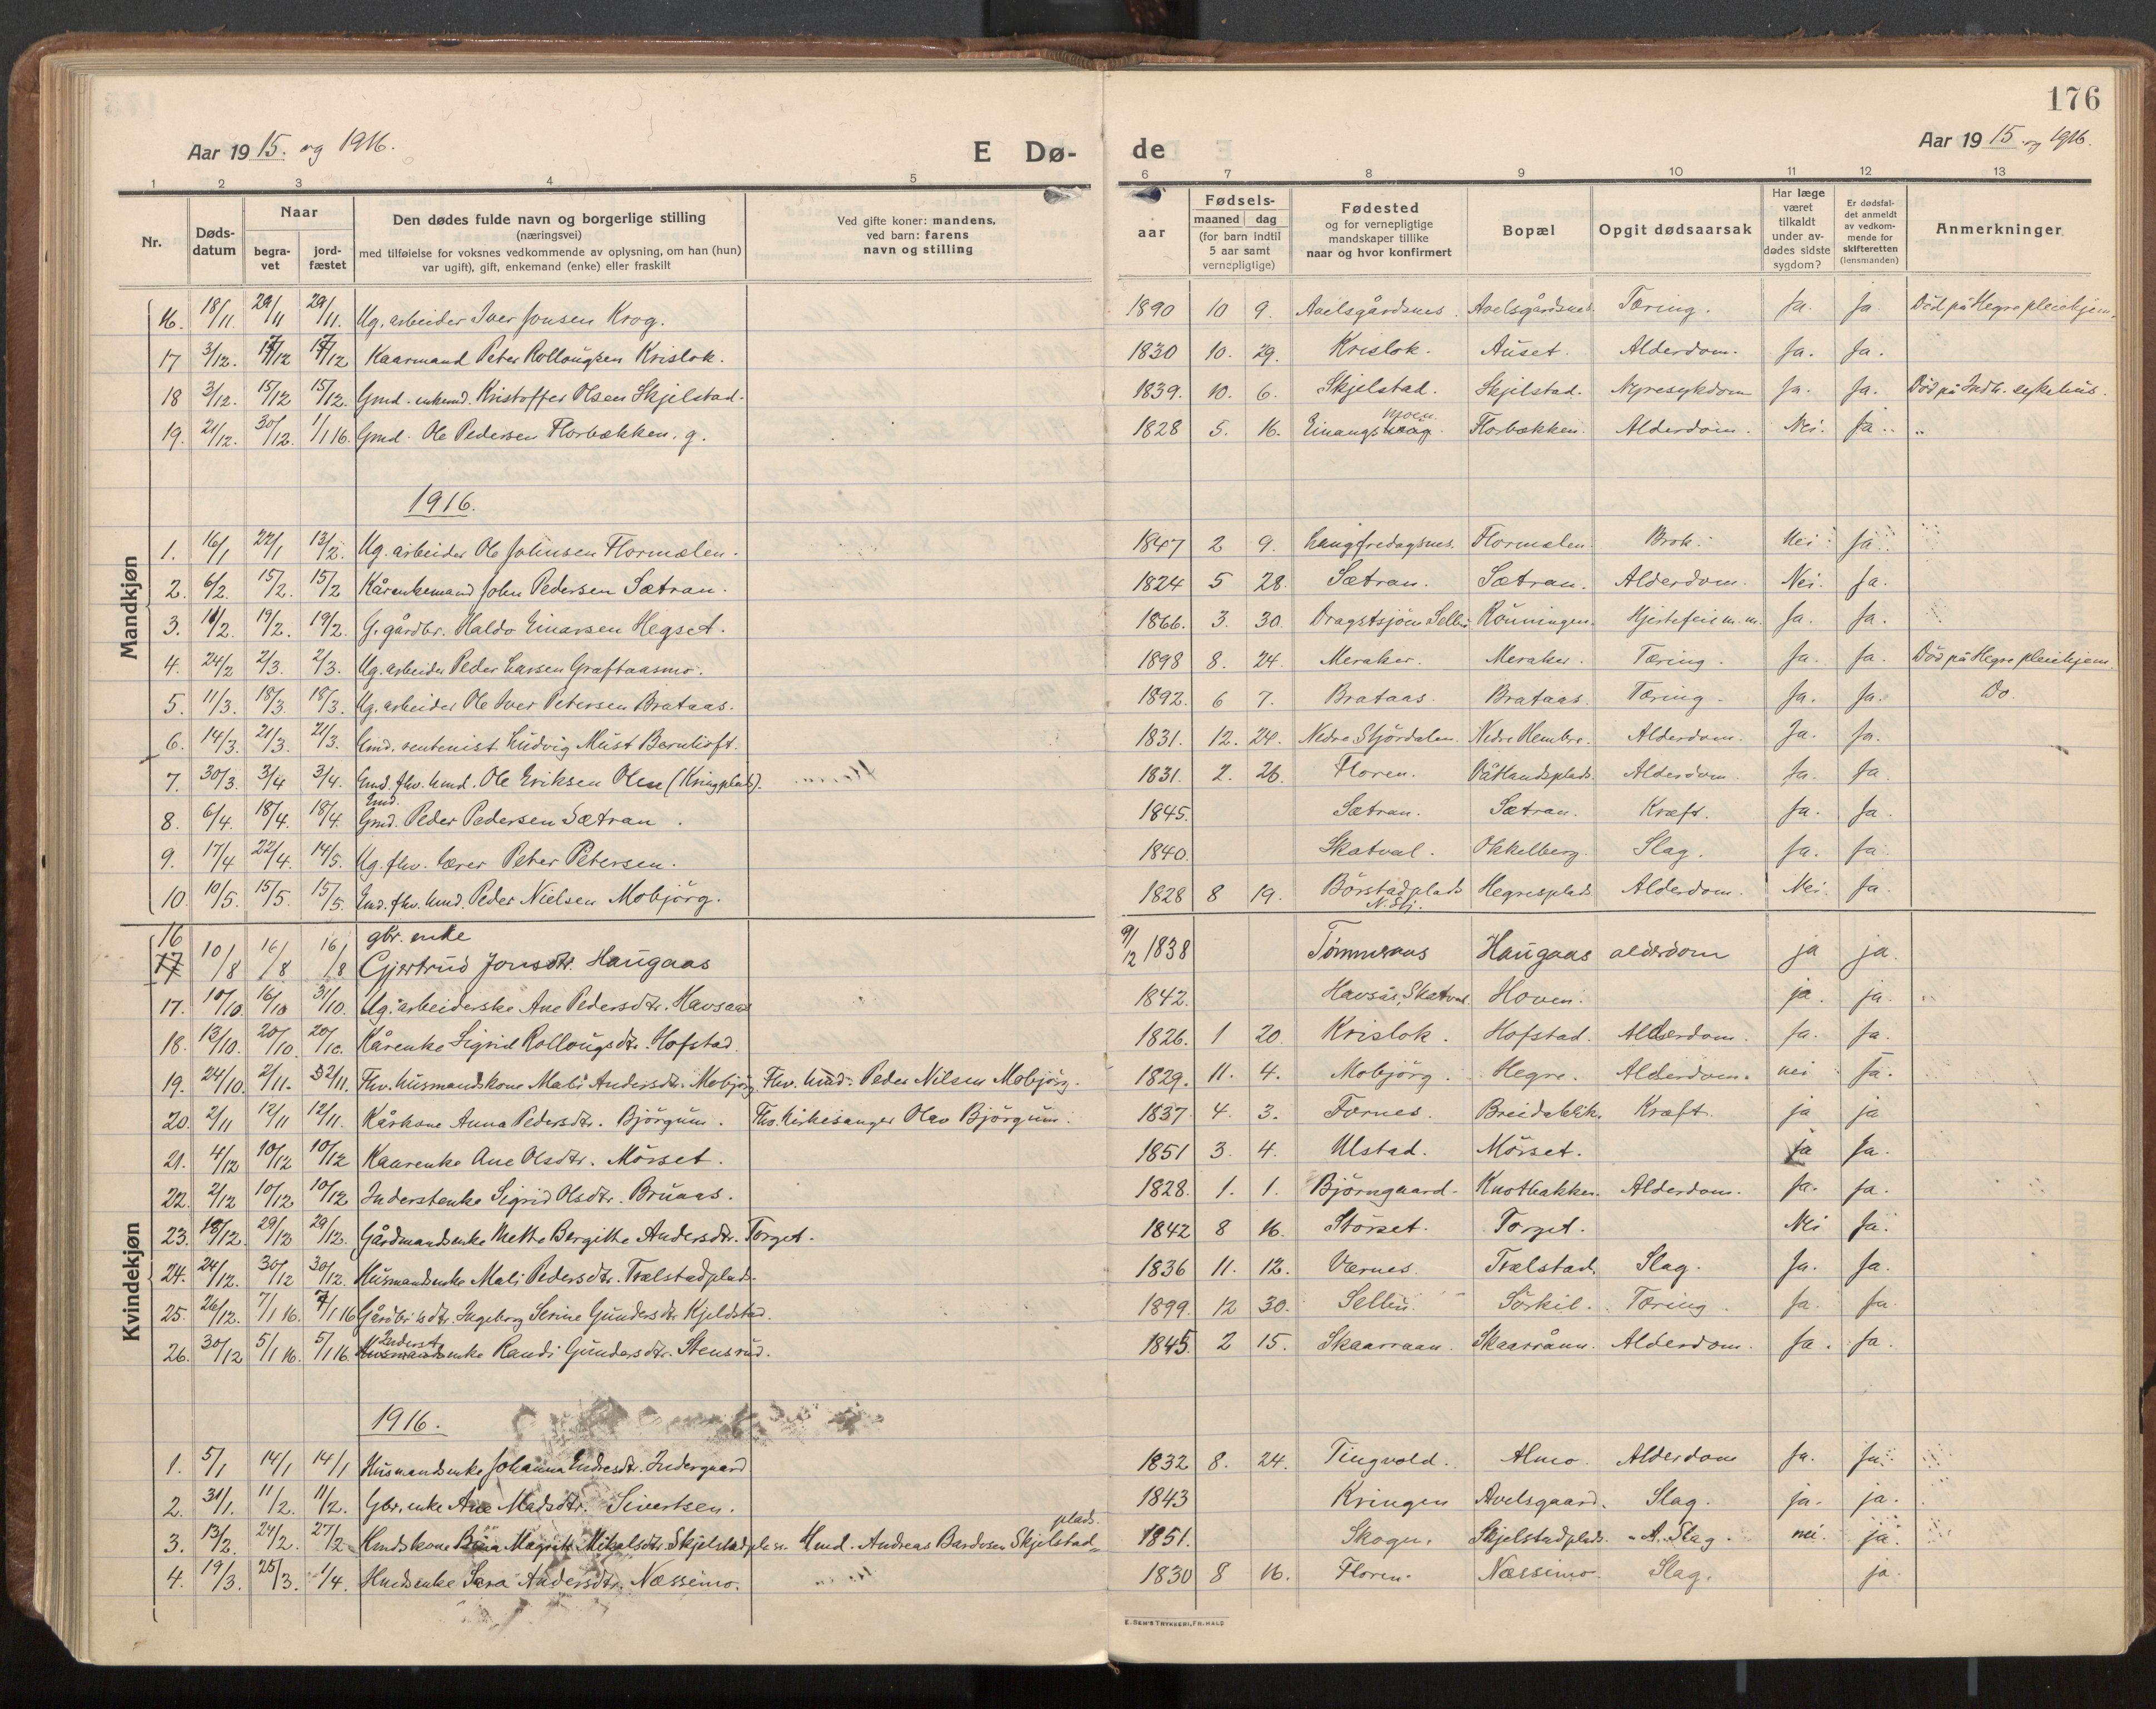 SAT, Ministerialprotokoller, klokkerbøker og fødselsregistre - Nord-Trøndelag, 703/L0037: Parish register (official) no. 703A10, 1915-1932, p. 176